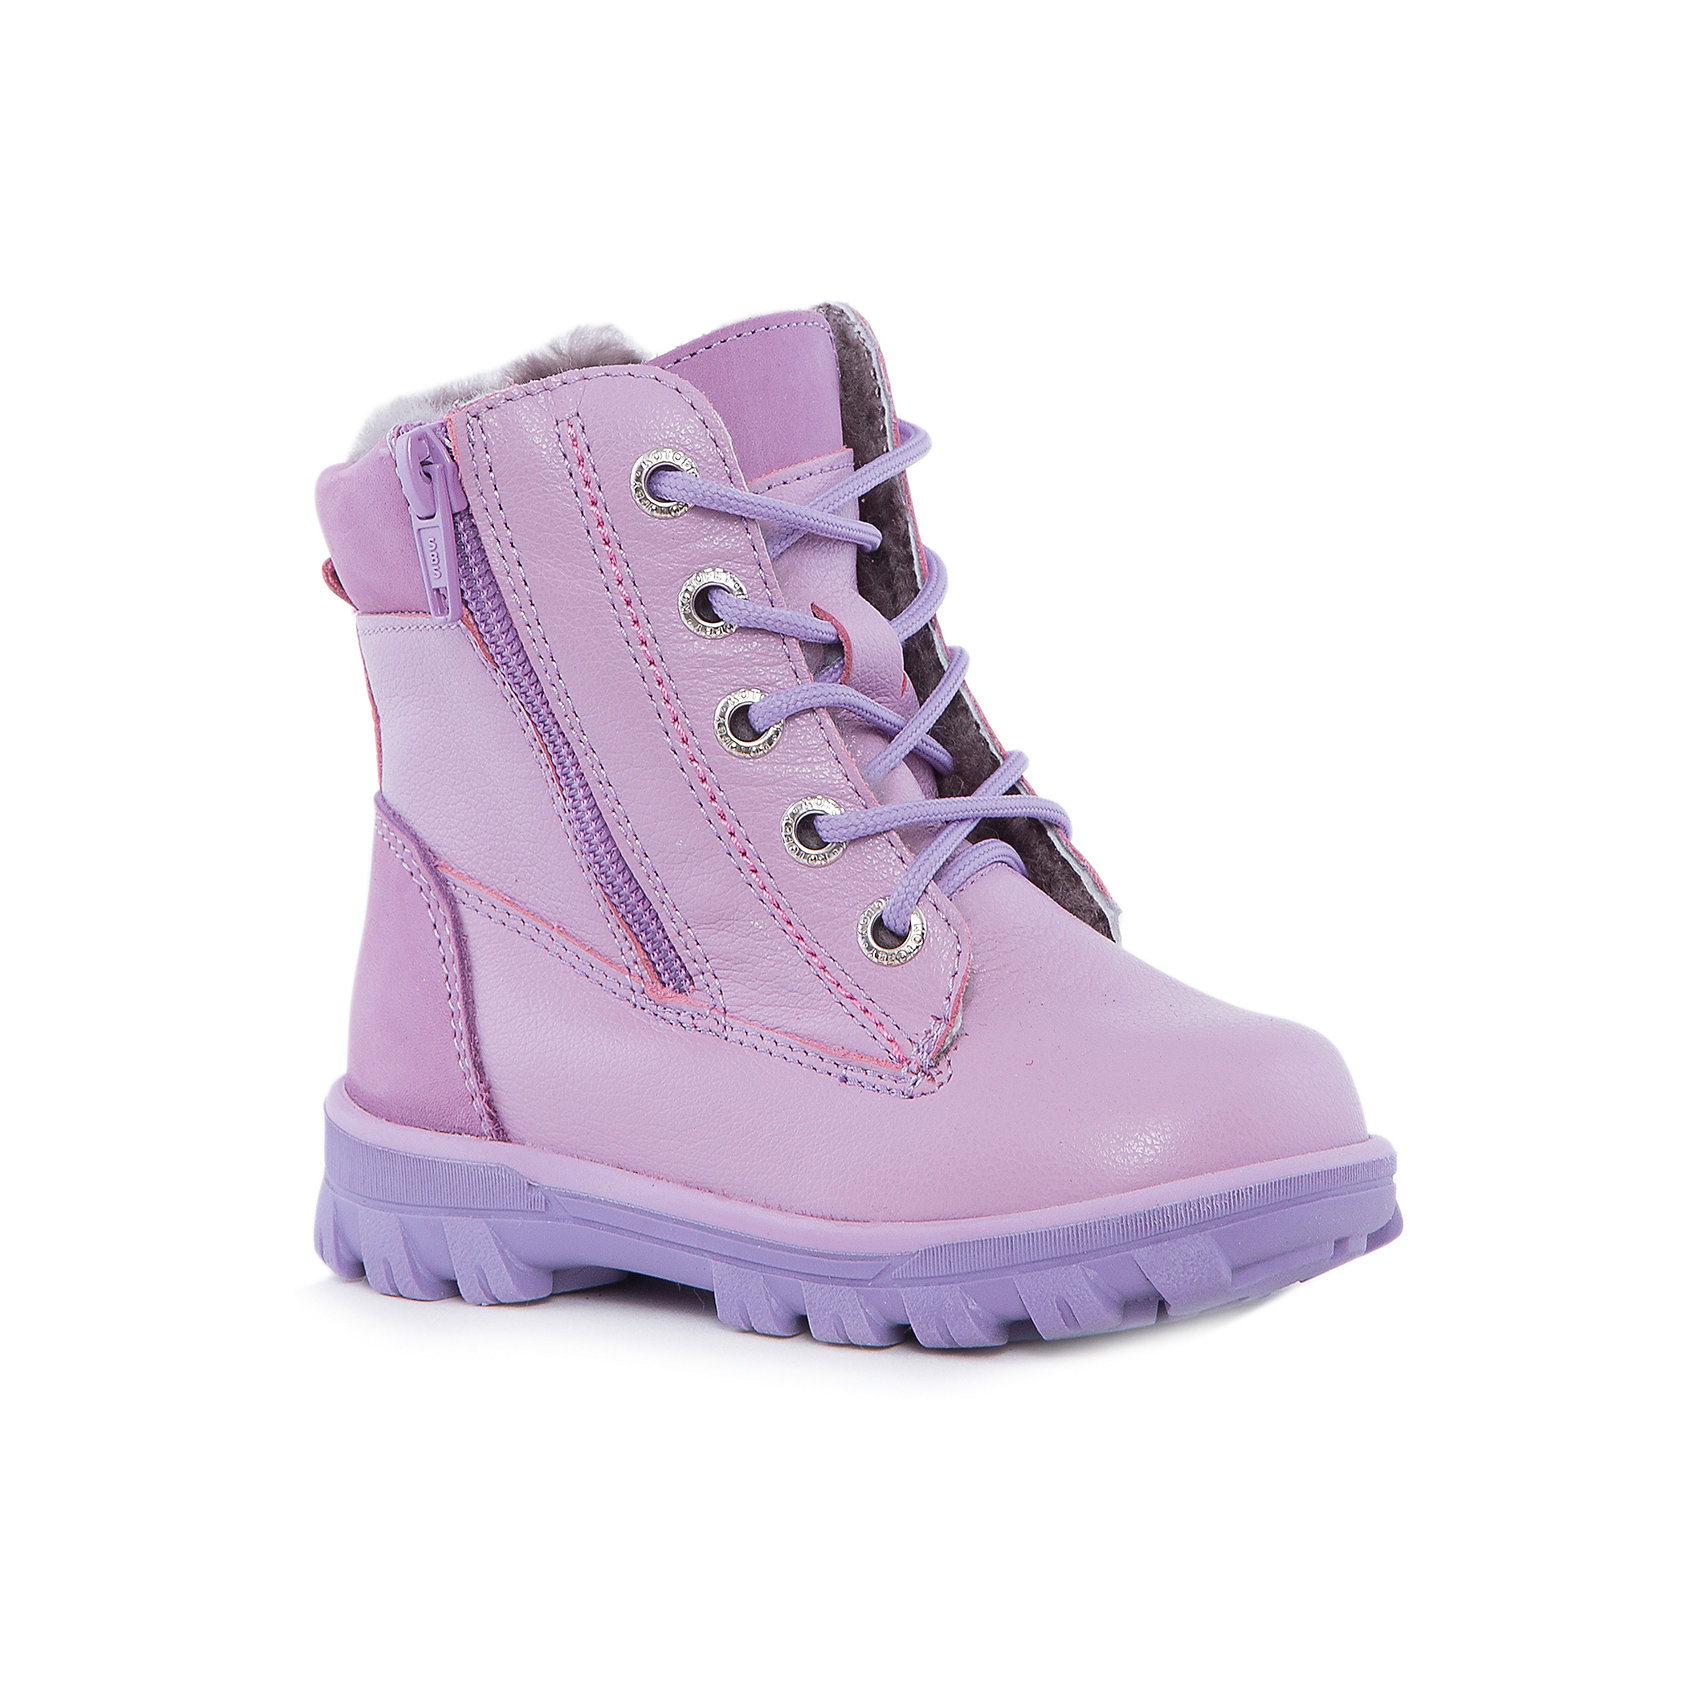 Ботинки для девочки КотофейКотофей – качественная и стильная детская обувь по доступным ценам. С каждым днем популярность бренда растет.  Новые зимние ботиночки – модная и удобная обувь, способная защитить от осеннего холода и дополнить стильный образ девочки. Ботиночки изготовлены из натурального материала. Тепло обеспечивают плотная кожа снаружи и овчина внутри. Высокая подошва защитит от промокания.<br><br>Дополнительная информация:<br><br>цвет: сиреневый;<br>вид крепления: на клею;<br>застежка: шнурки;<br>температурный режим: от -10 °С до +10° С.<br><br>Состав:<br>верх – плотная кожа;<br>подклад – овчина;<br>материал подошвы – ТЭП.<br><br>Зимние ботиночки для девочек дошкольного возраста из кожи от фирмы Котофей можно приобрести у нас в магазине.<br><br>Ширина мм: 262<br>Глубина мм: 176<br>Высота мм: 97<br>Вес г: 427<br>Цвет: фиолетовый<br>Возраст от месяцев: 60<br>Возраст до месяцев: 72<br>Пол: Женский<br>Возраст: Детский<br>Размер: 29,28,27,26,25<br>SKU: 4982120